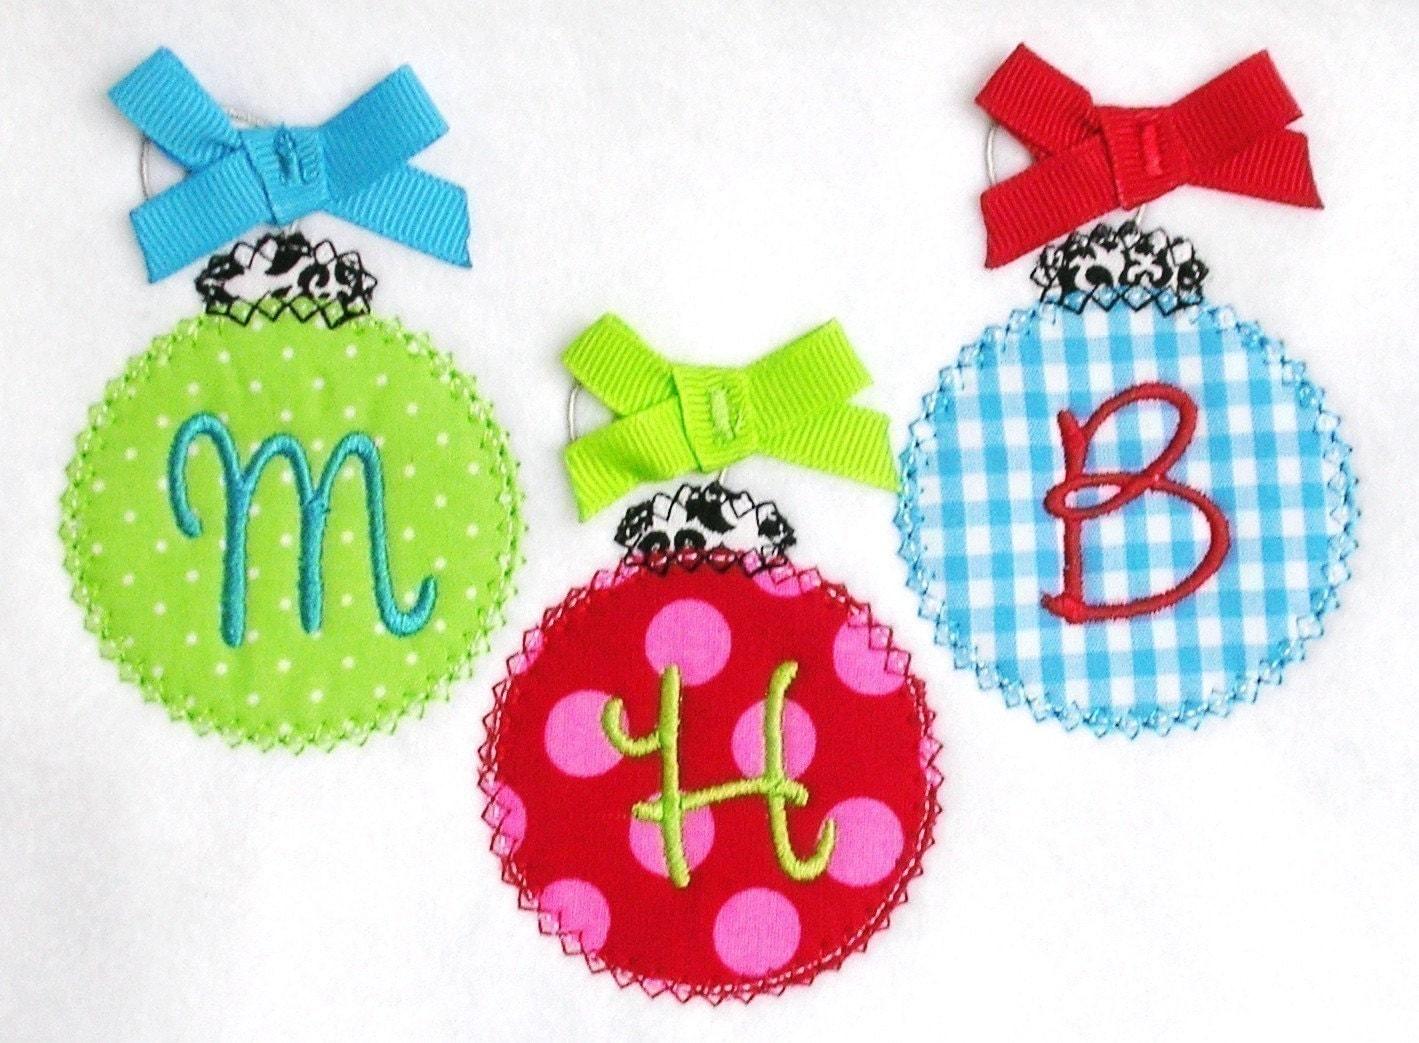 Applique Ornament Embroidery Design